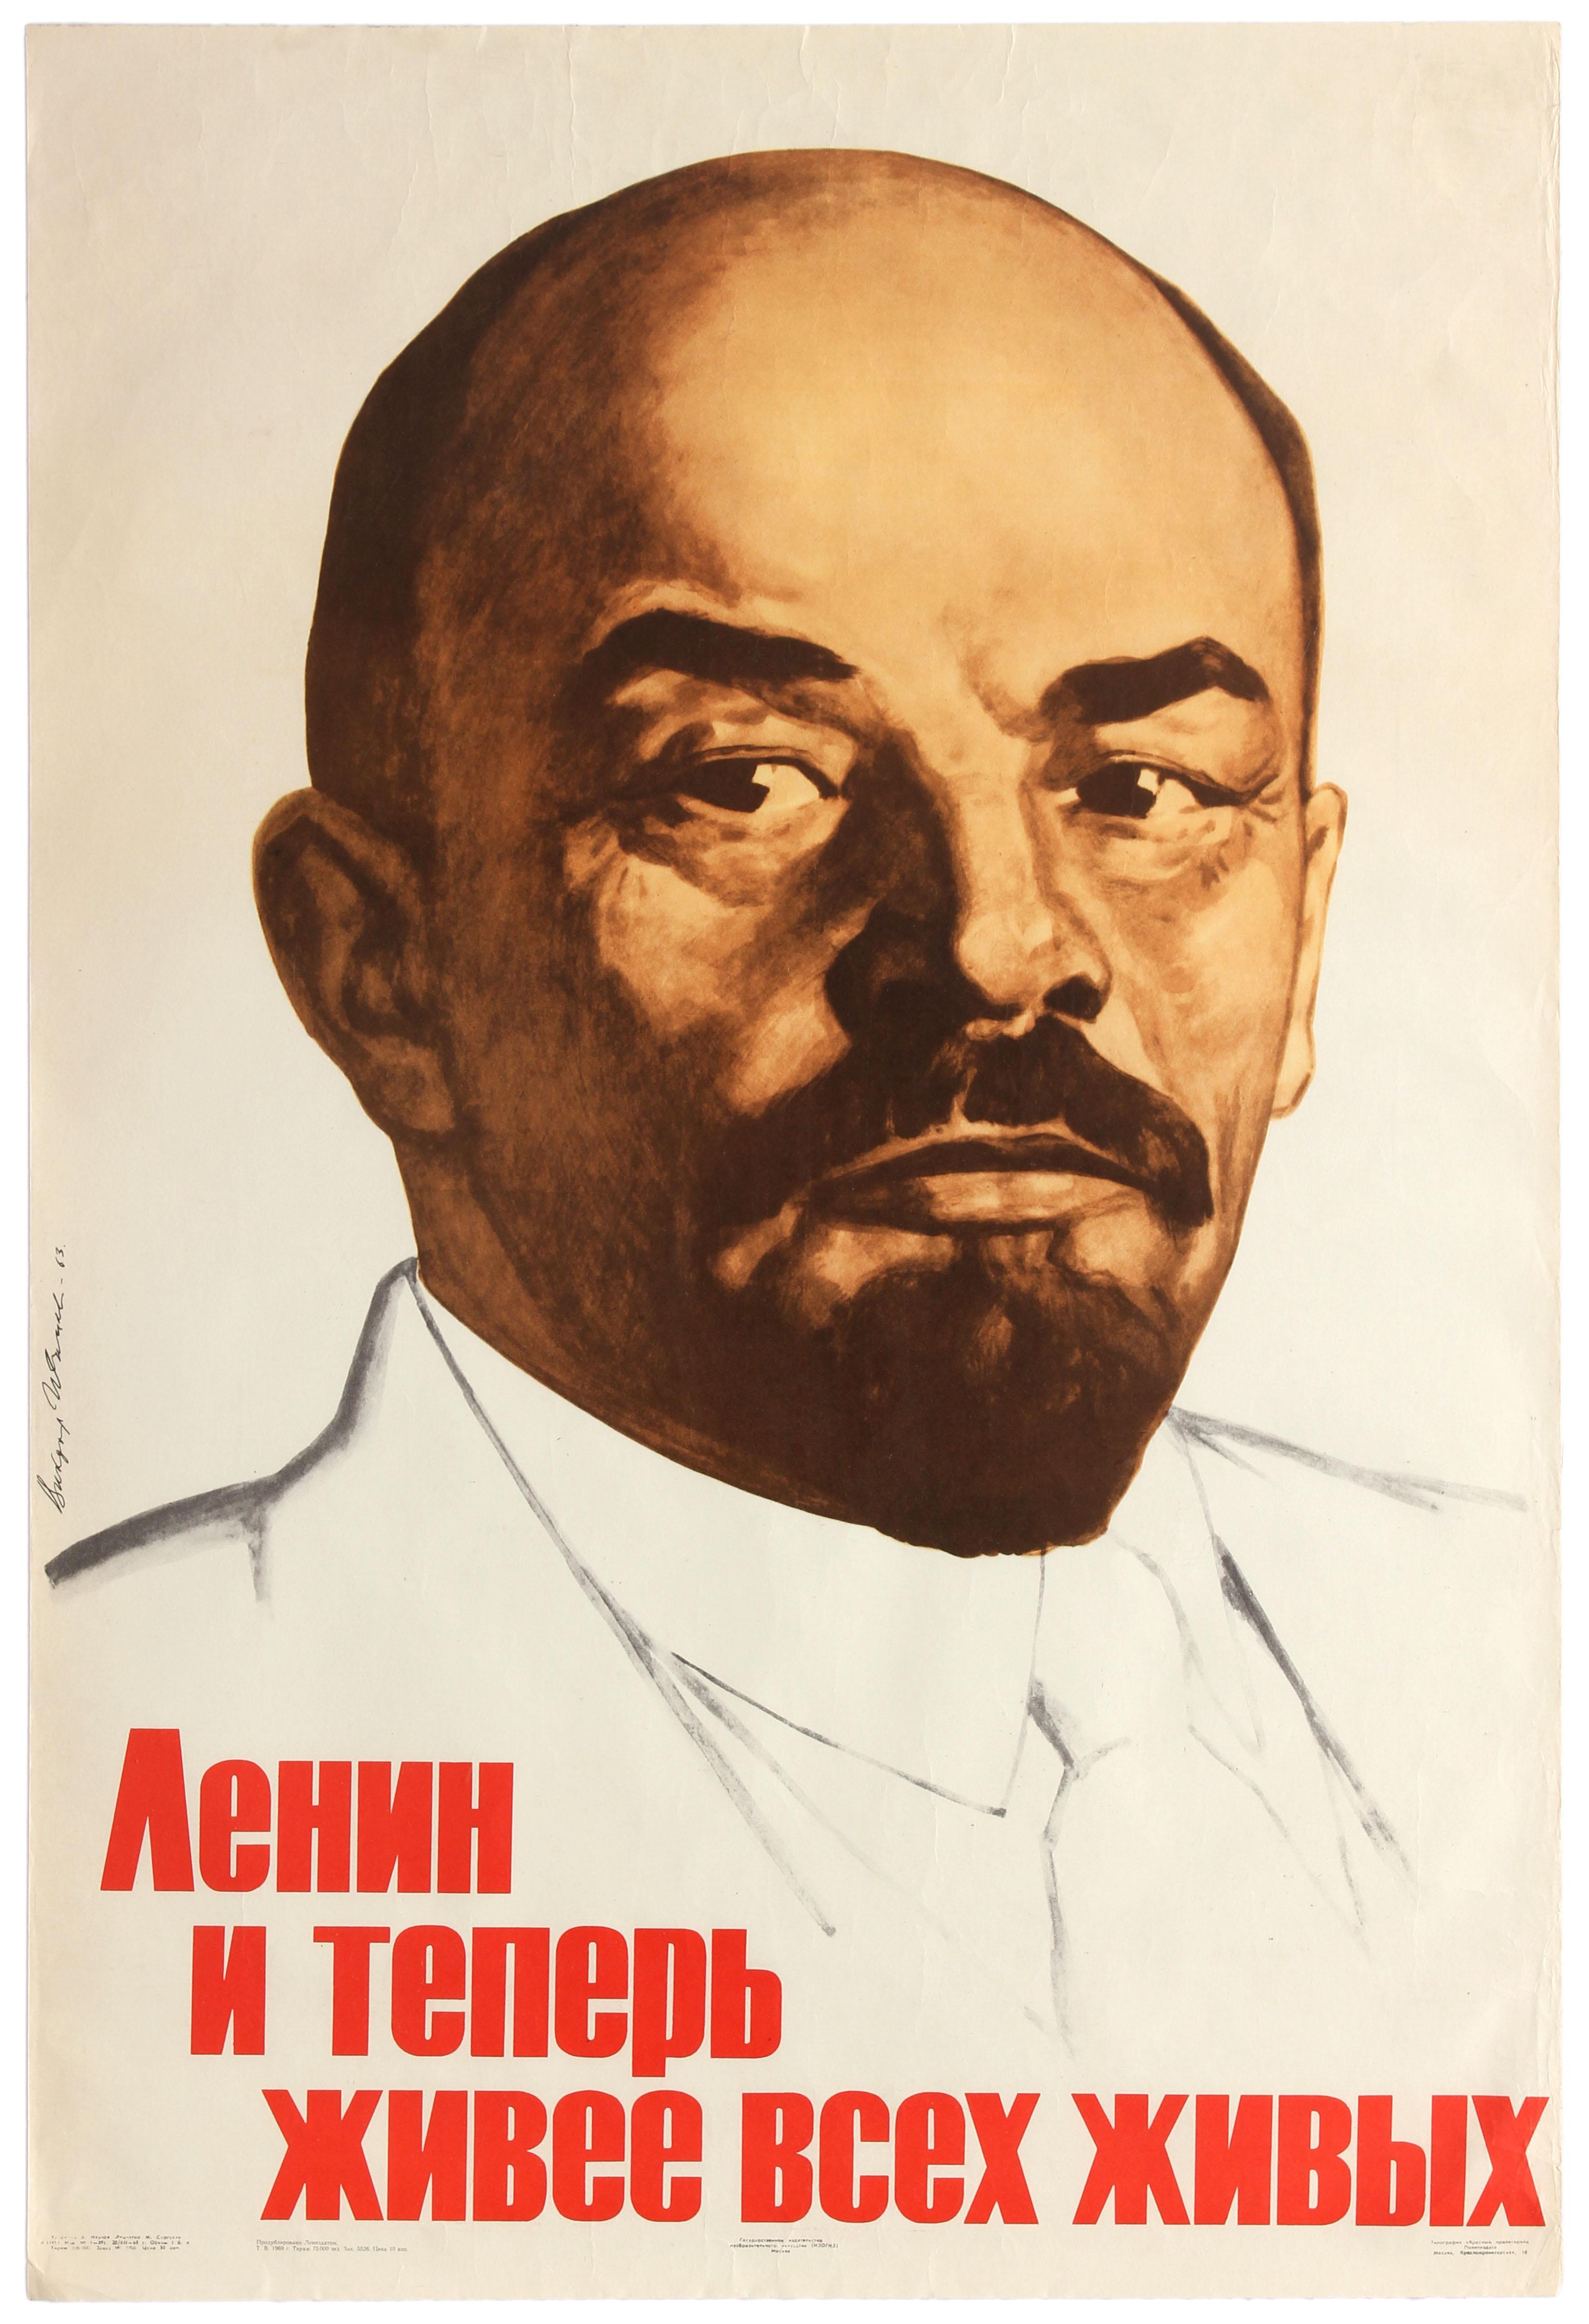 Lot 40 - Propaganda Poster Alive Lenin Soviet Union USSR